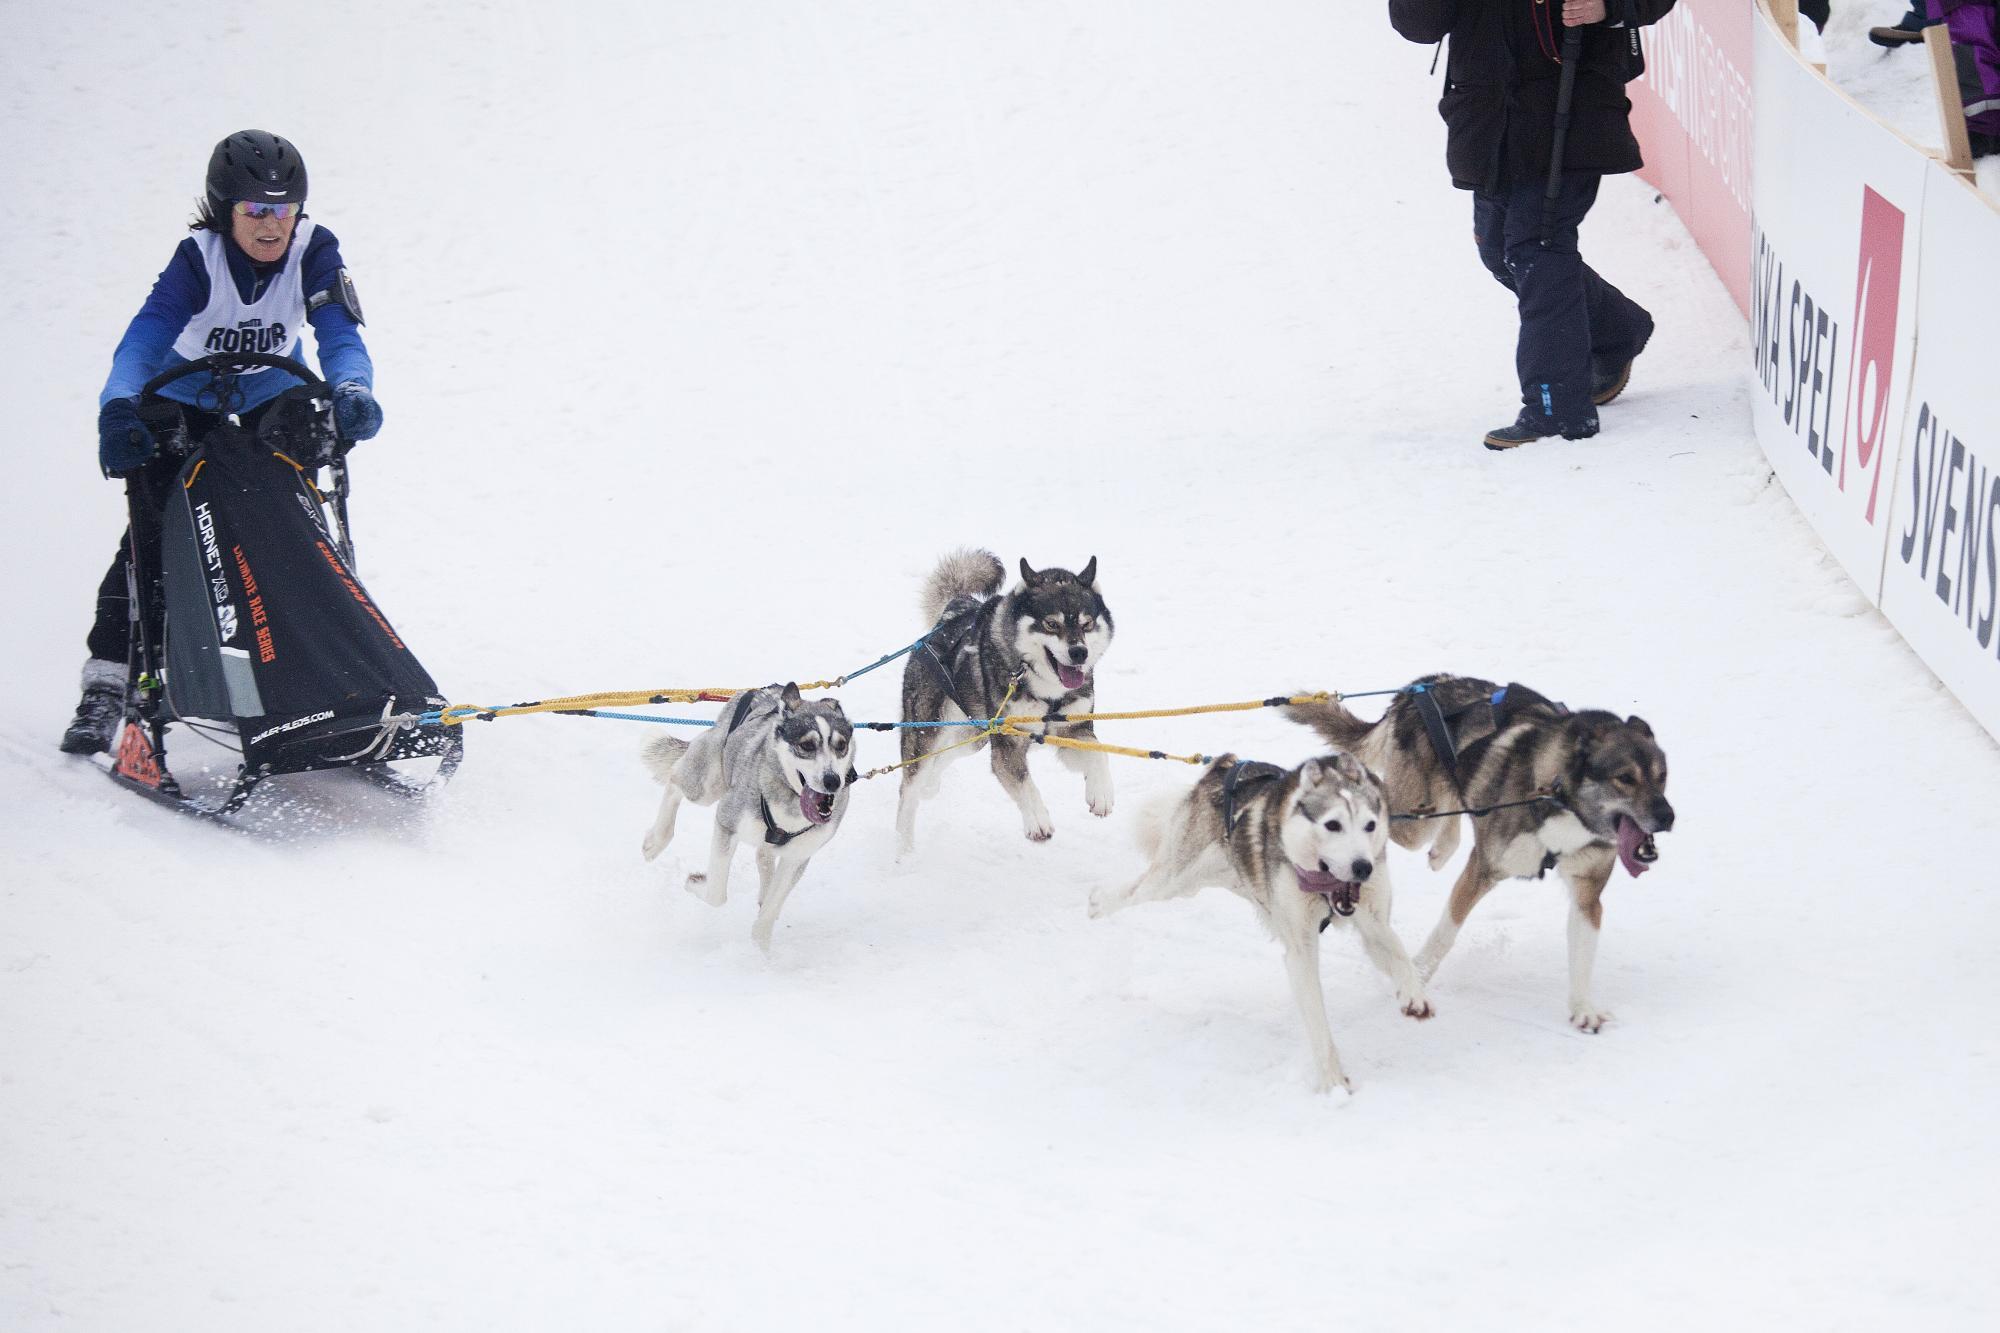 Annika Jansson har de senaste månaderna både vunnit SM i barmark och SM för slädhundar (masstart) med sitt 4-spann. Bilden är från SM-veckan i Söderhamn 2017.<br />Klicka på bilden för att komma till ett Webb-TV-inslag med Annika och maken Pär Jansson som också kör draghund.